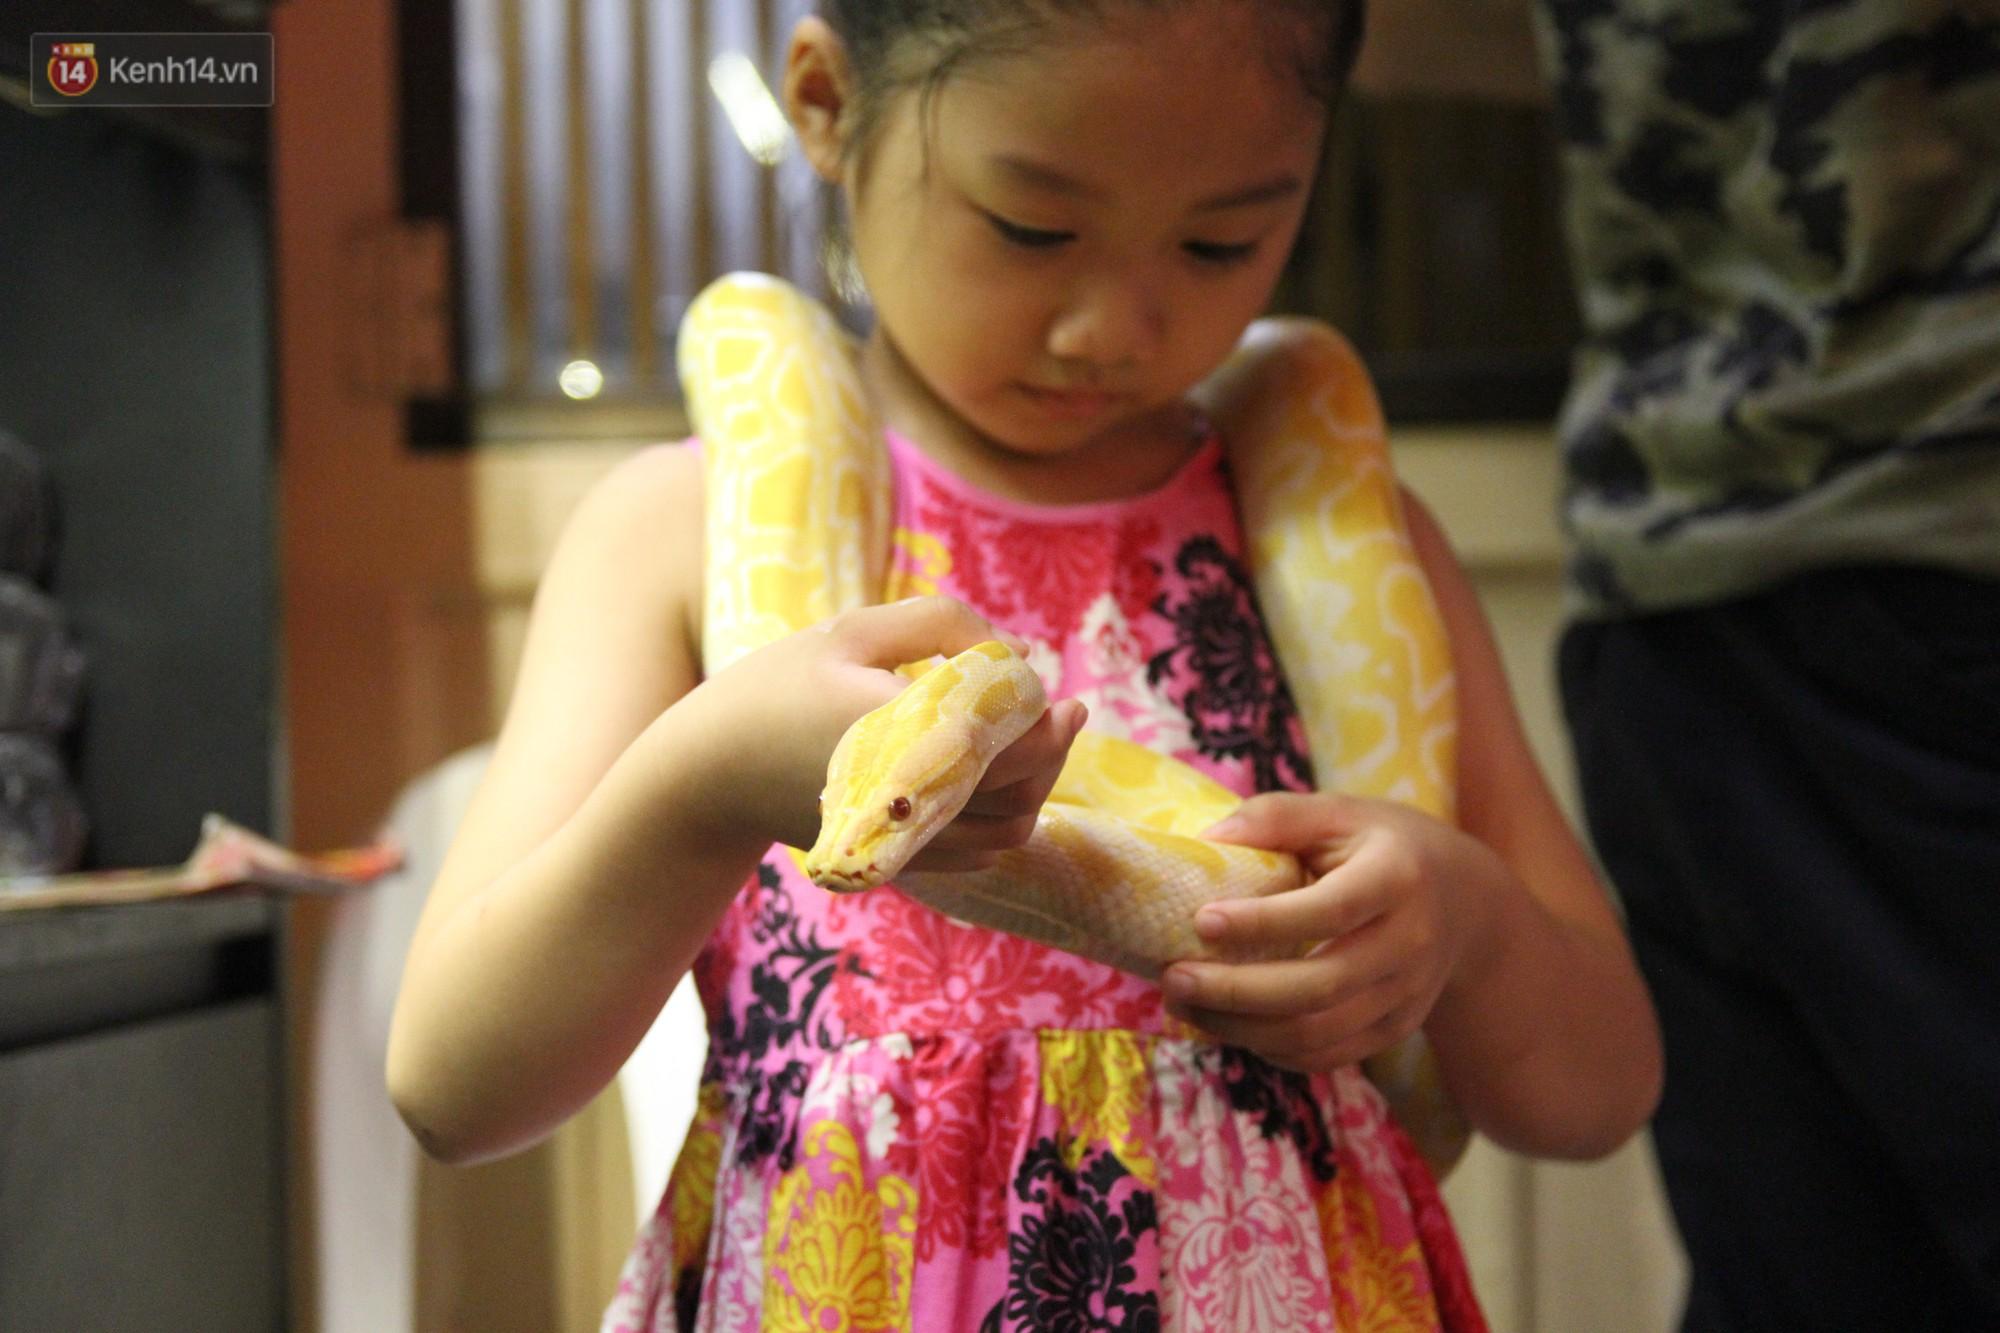 Ông bố trẻ ở Hà Nội và bộ sưu tập những con vật nhìn thôi đã sợ: Đủ các loài rắn, nhện, ếch cho đến rồng đất - Ảnh 12.